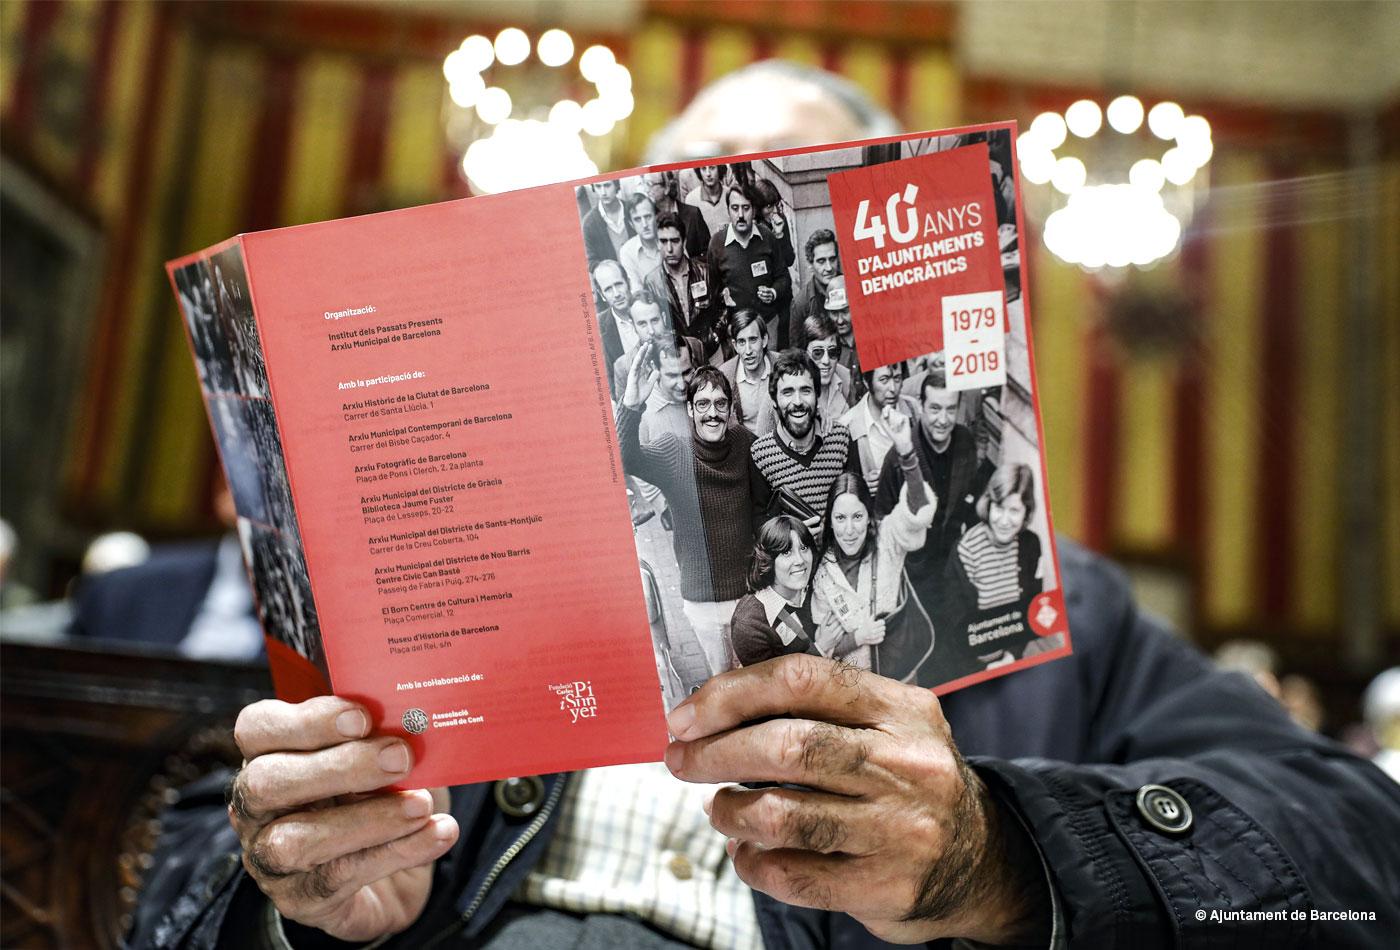 40anys-ajuntaments-democratics-barcelona